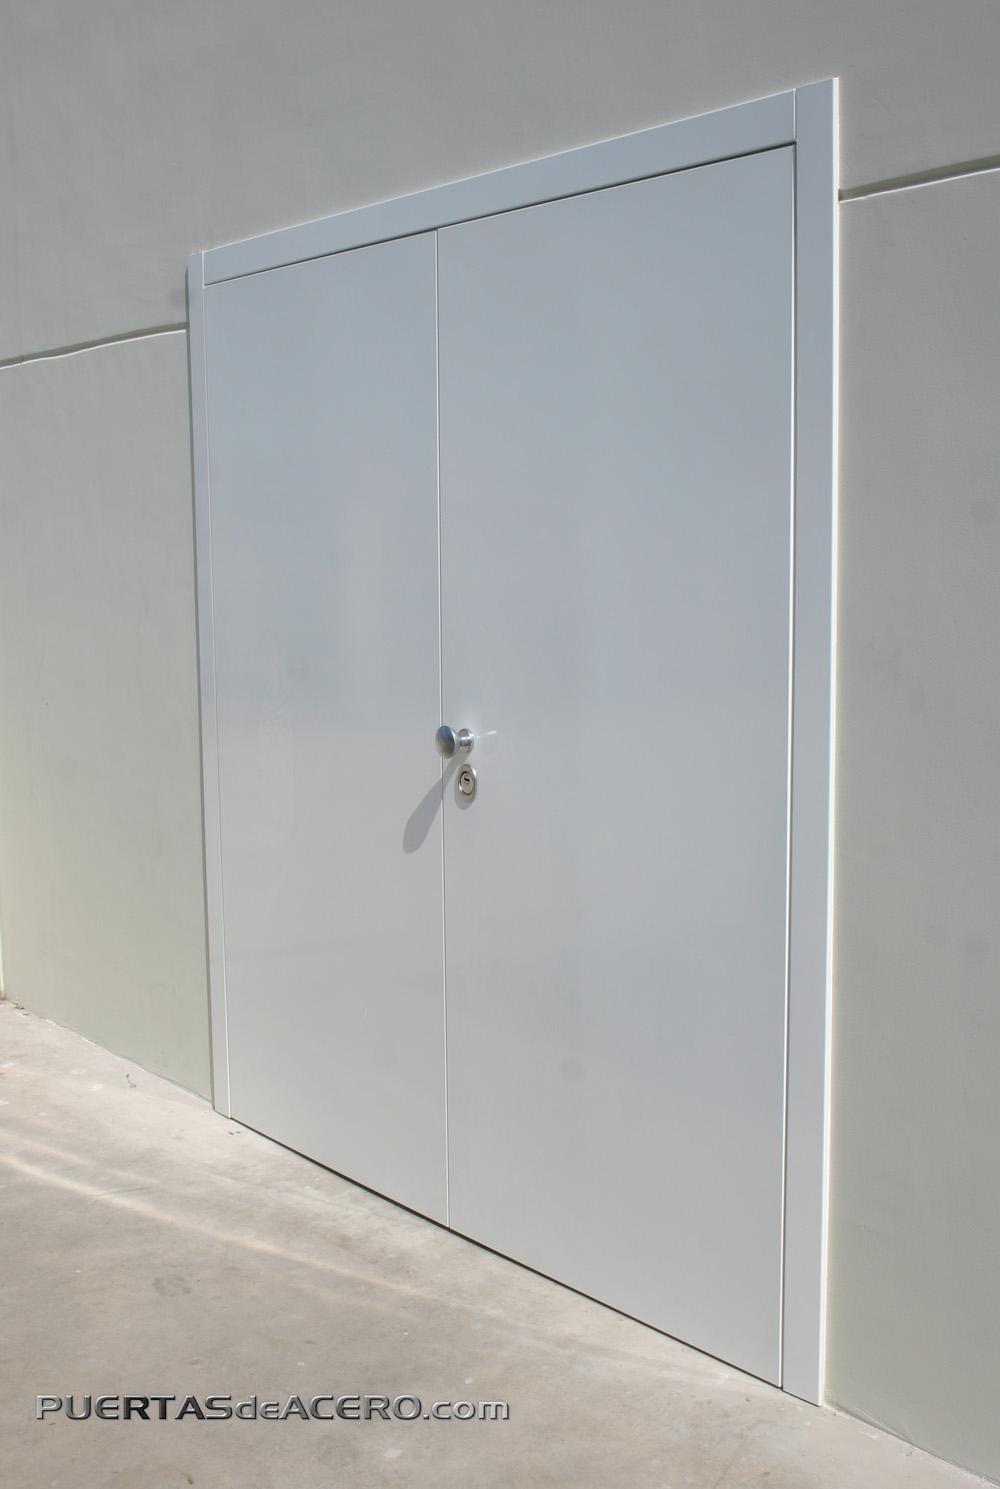 Puerta de doble hoja con apertura segura hacia fuera